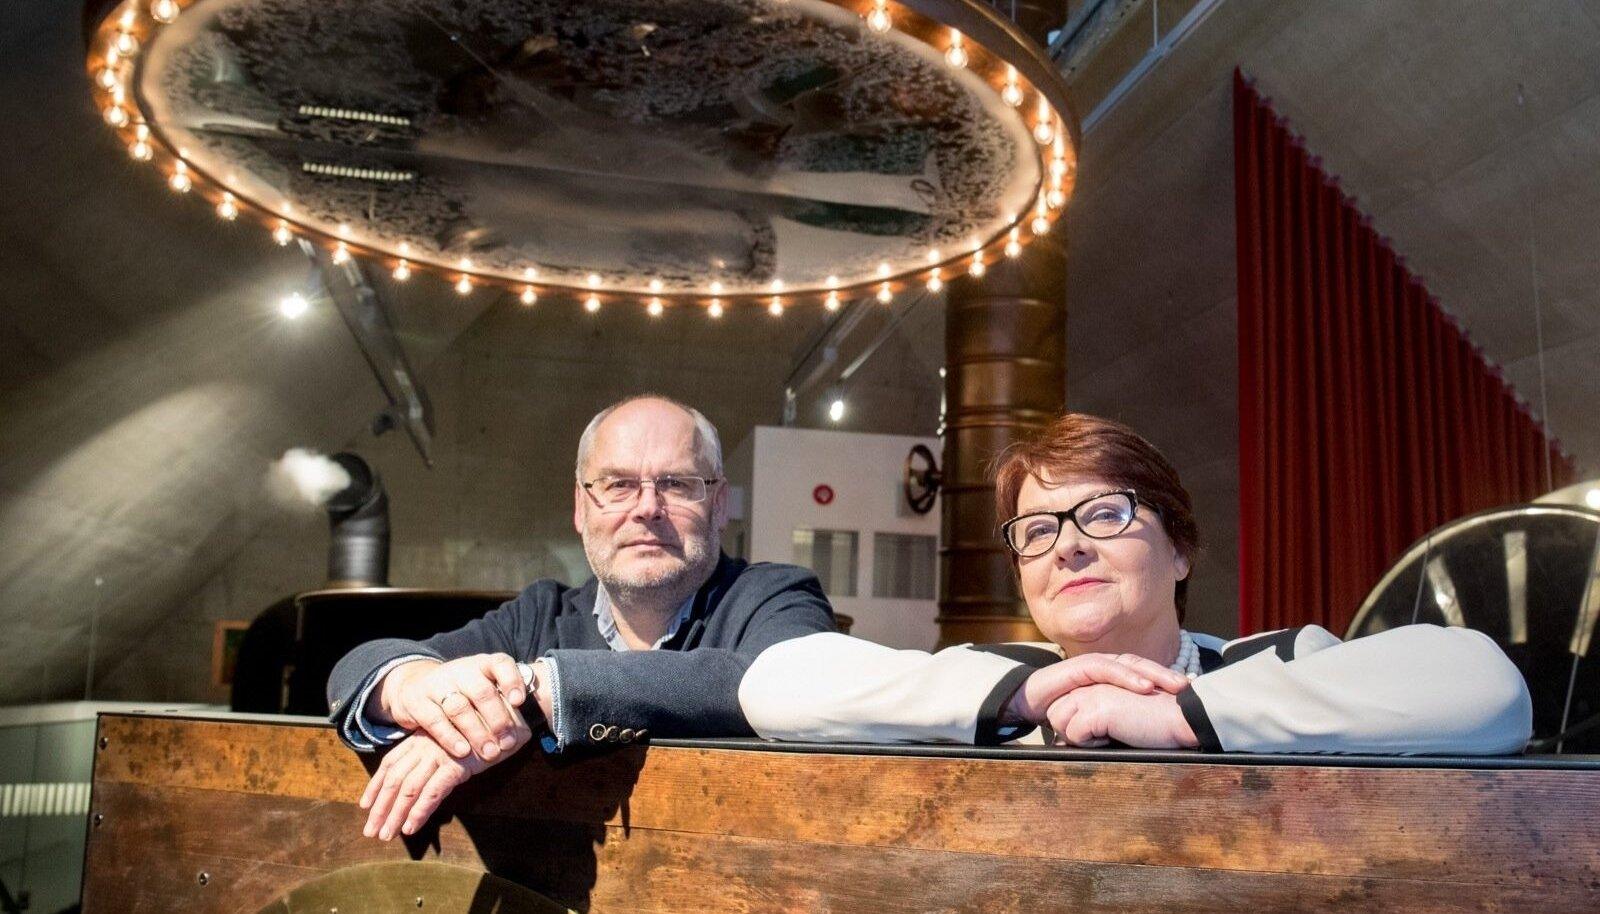 """""""Parasjagu aega peab lahus veetma. Siis on jälle hästi tore näha,"""" ütlevad Alar ja Sirje Karis oma 40-aastase kooselu kohta."""